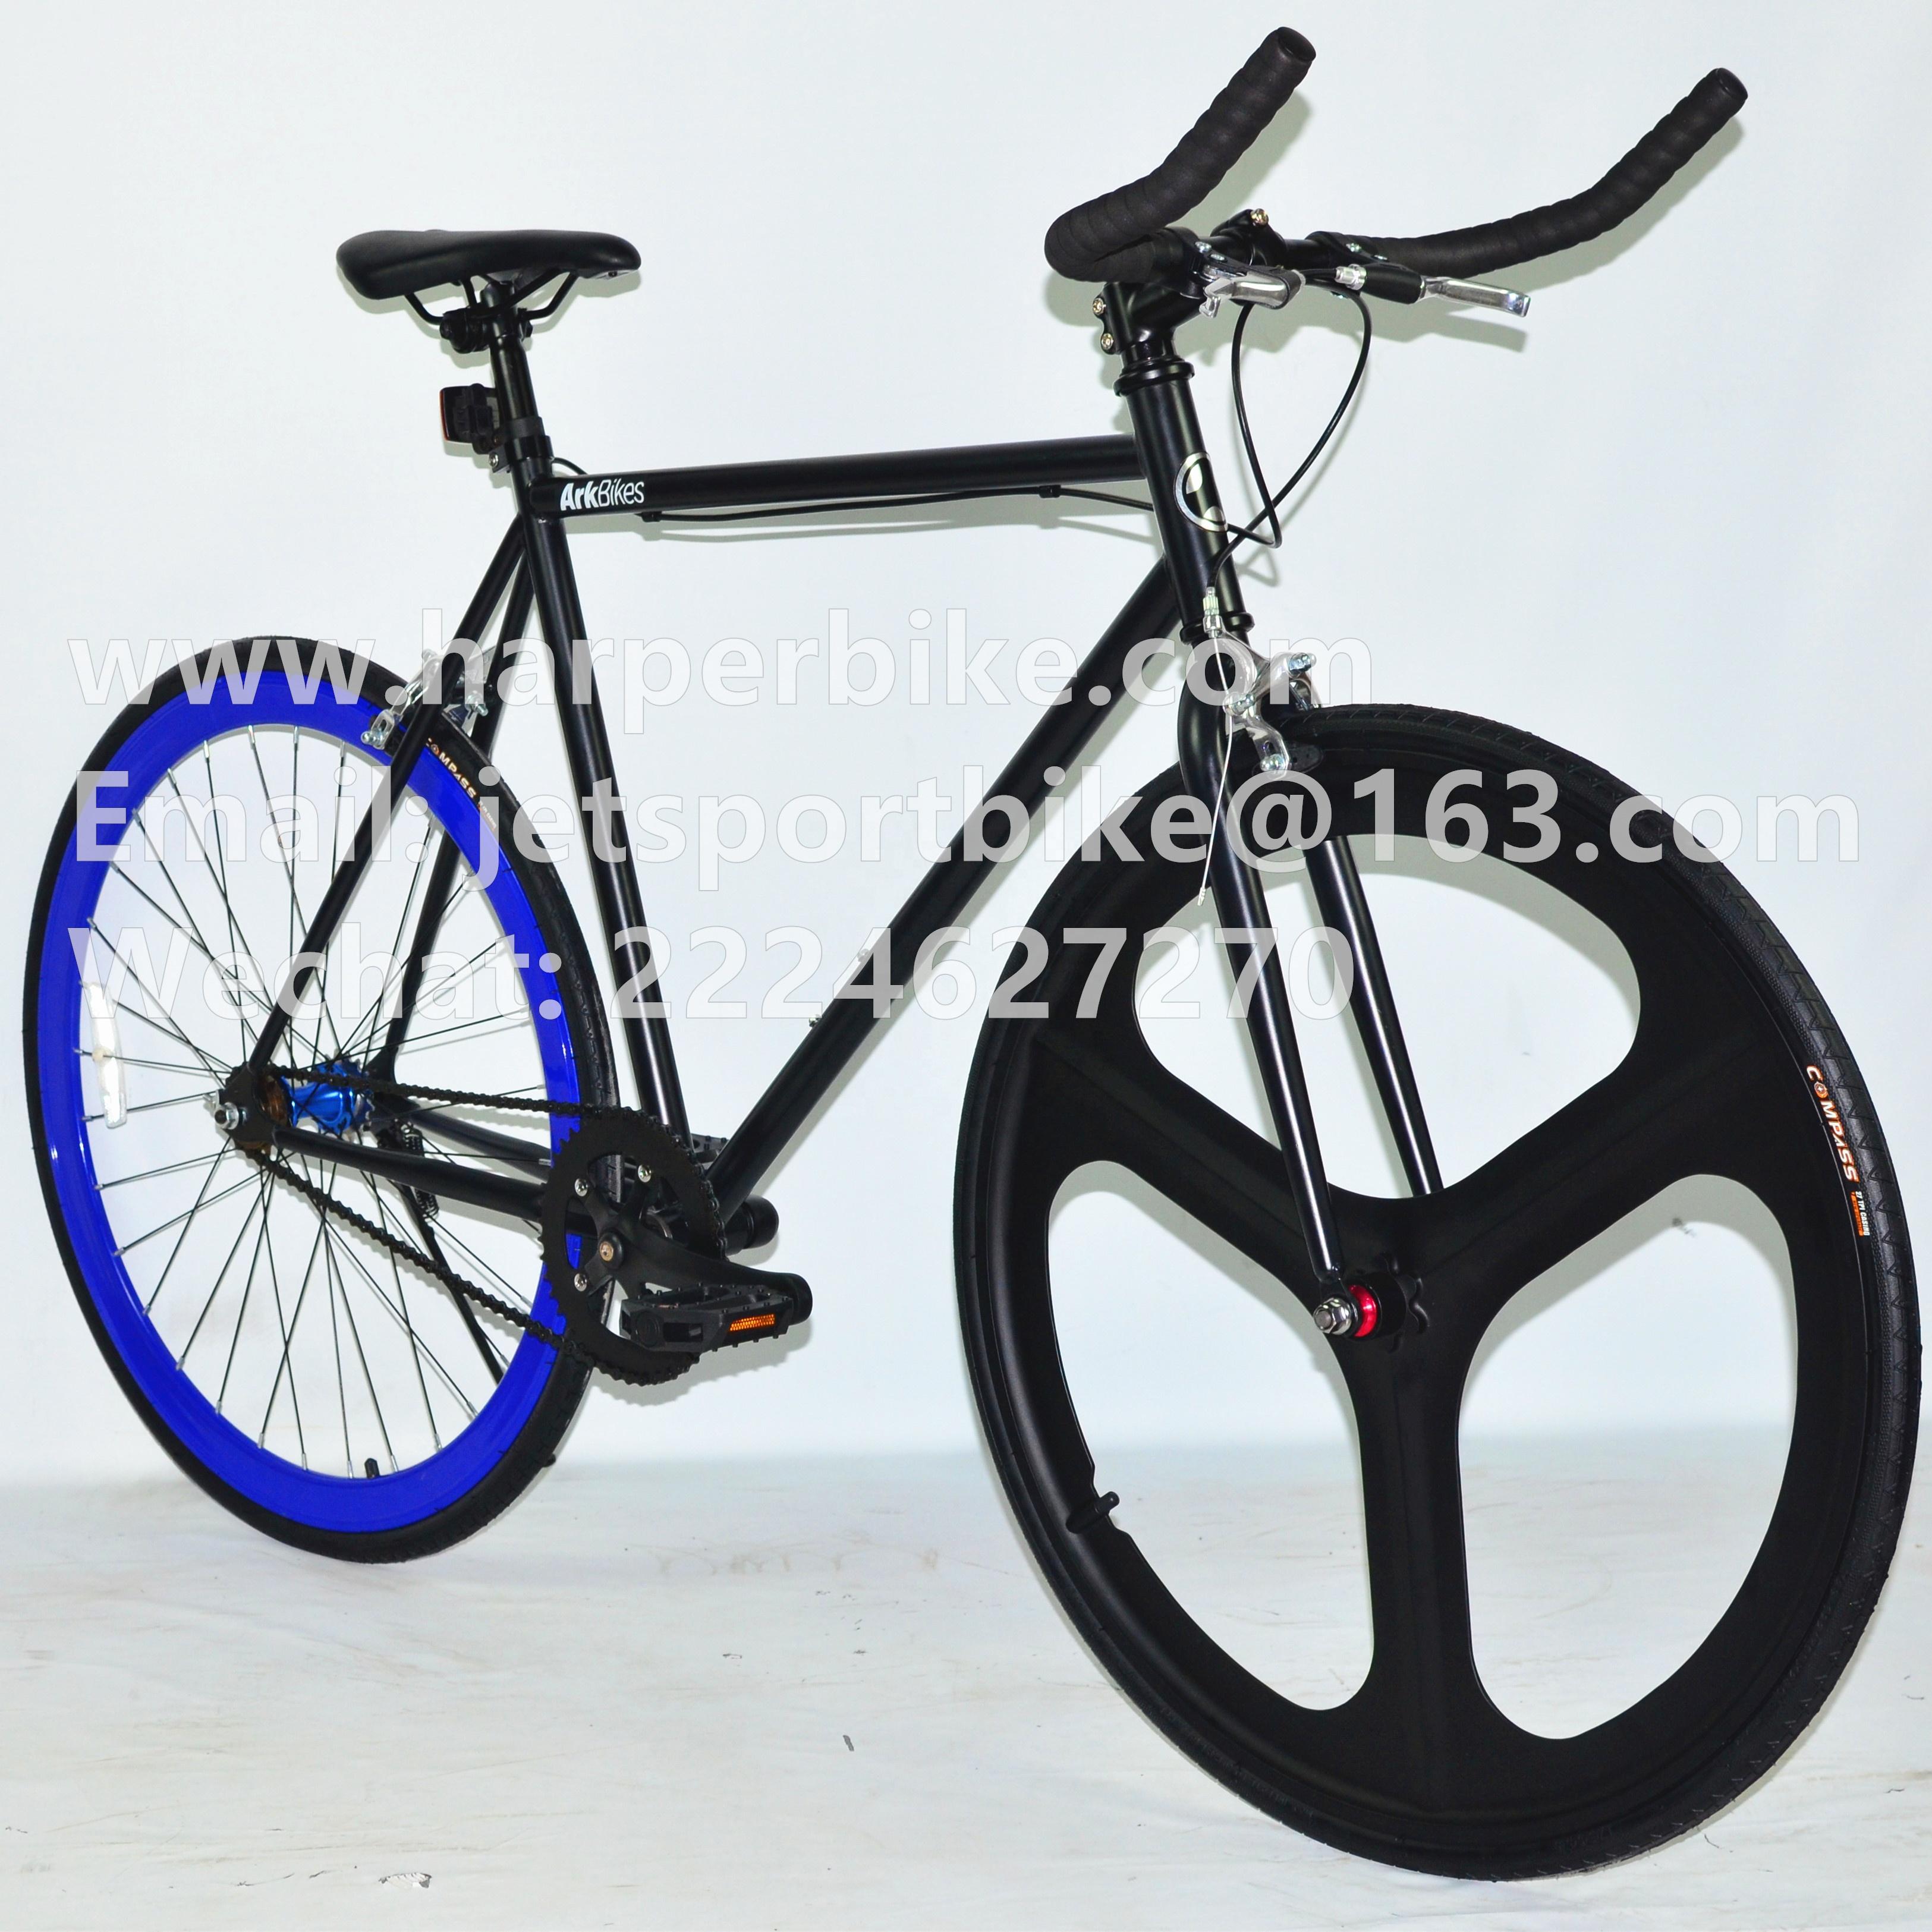 White Velo Track Bike GRIPS Drop Handlebars Fixed Gear Fixie Bicycle Bullhorn